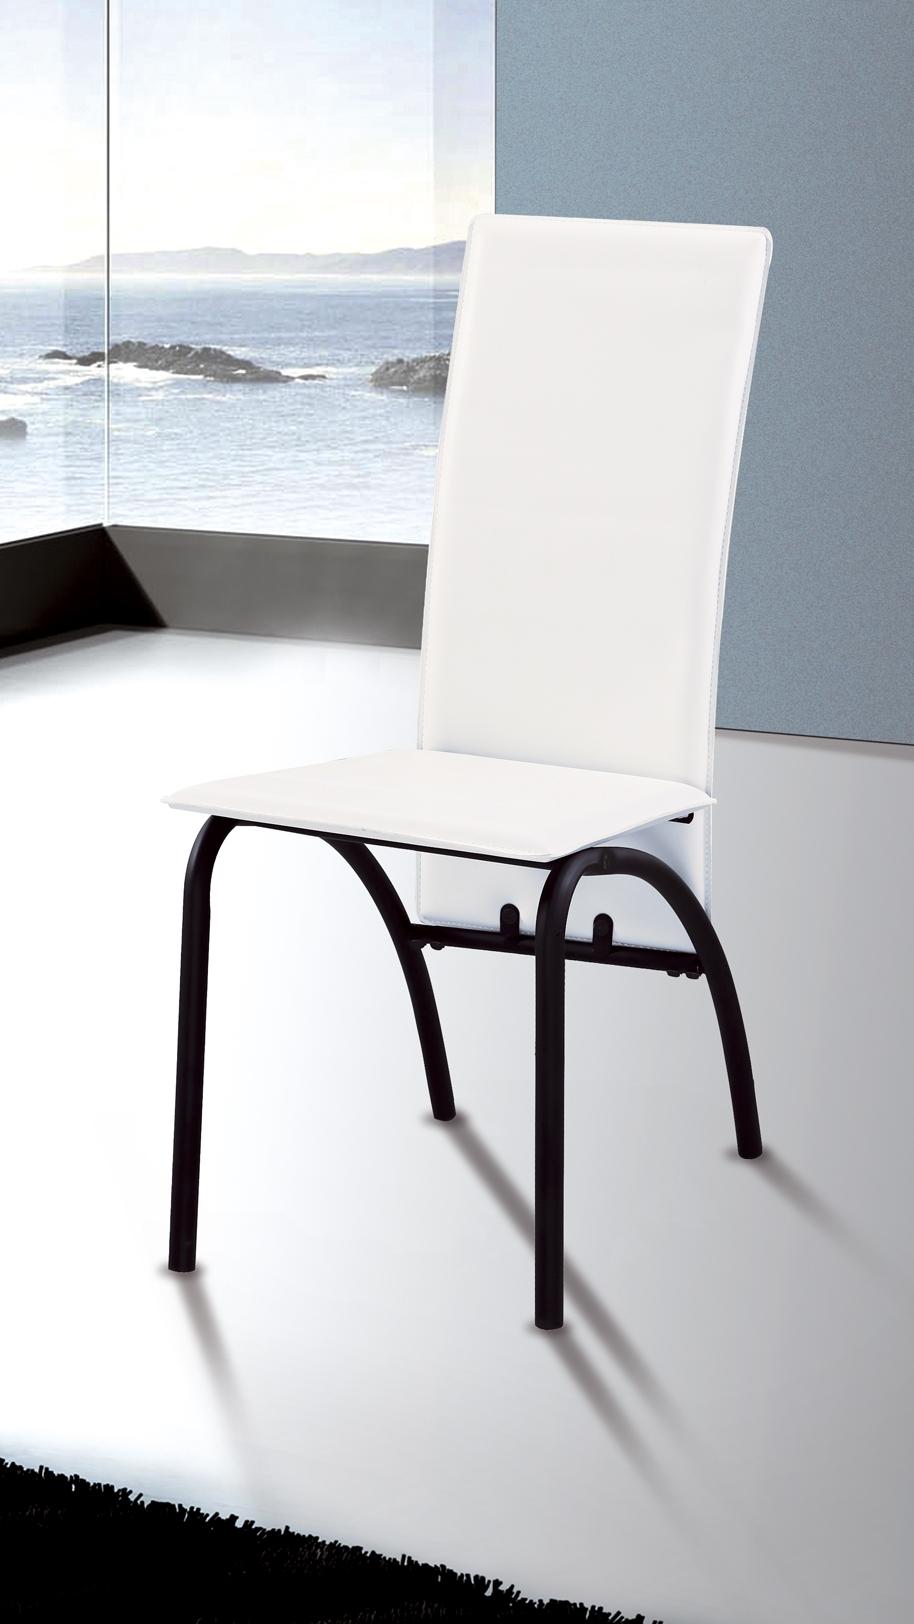 Sillas de salon baratas en villalba elefante blanco for Sillas de salon blancas baratas